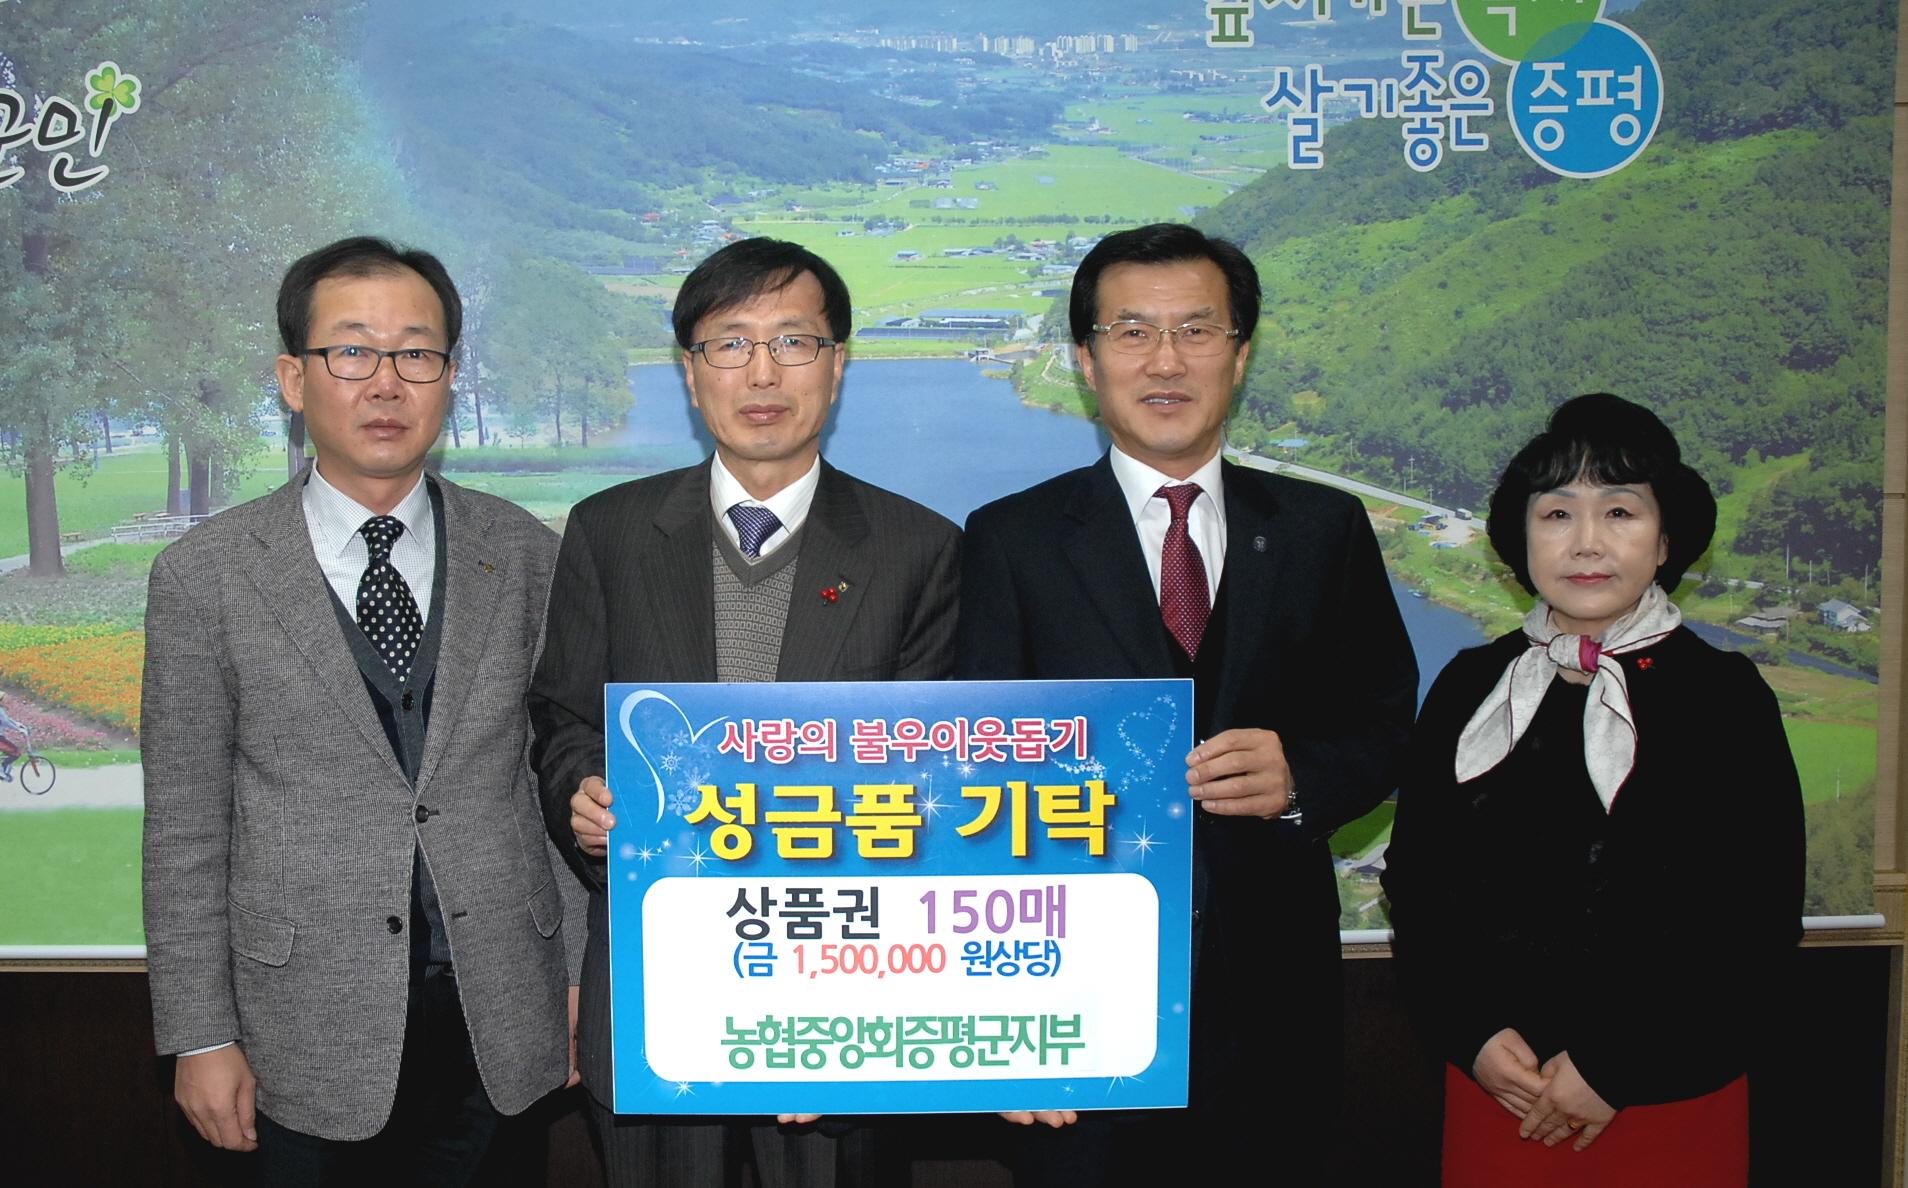 농협중앙회 증평군지부 나눔경영 이어가 [이미지]